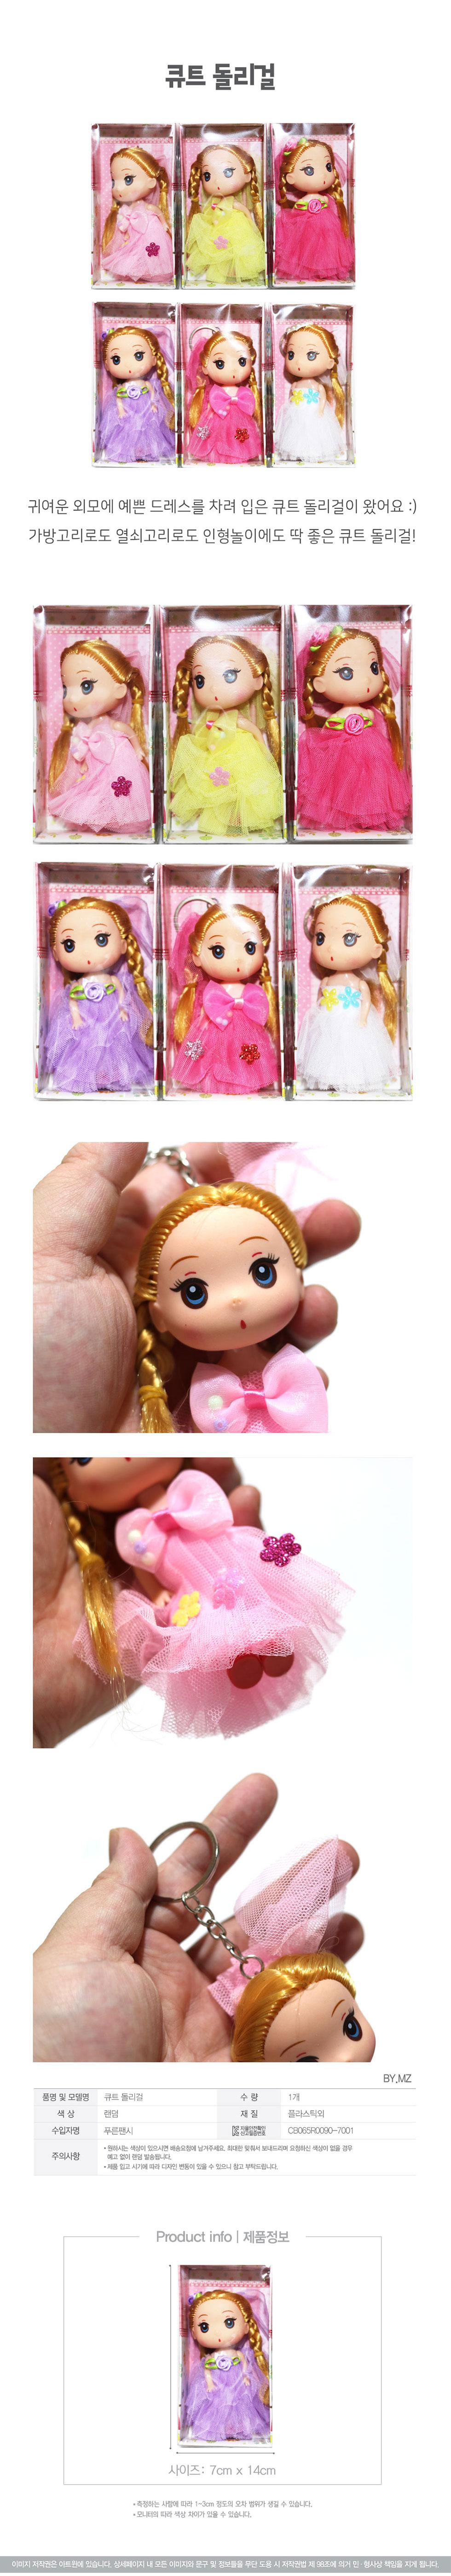 3000큐트돌리걸 - 아트윈, 3,000원, 캐릭터인형, 기타 캐릭터 인형